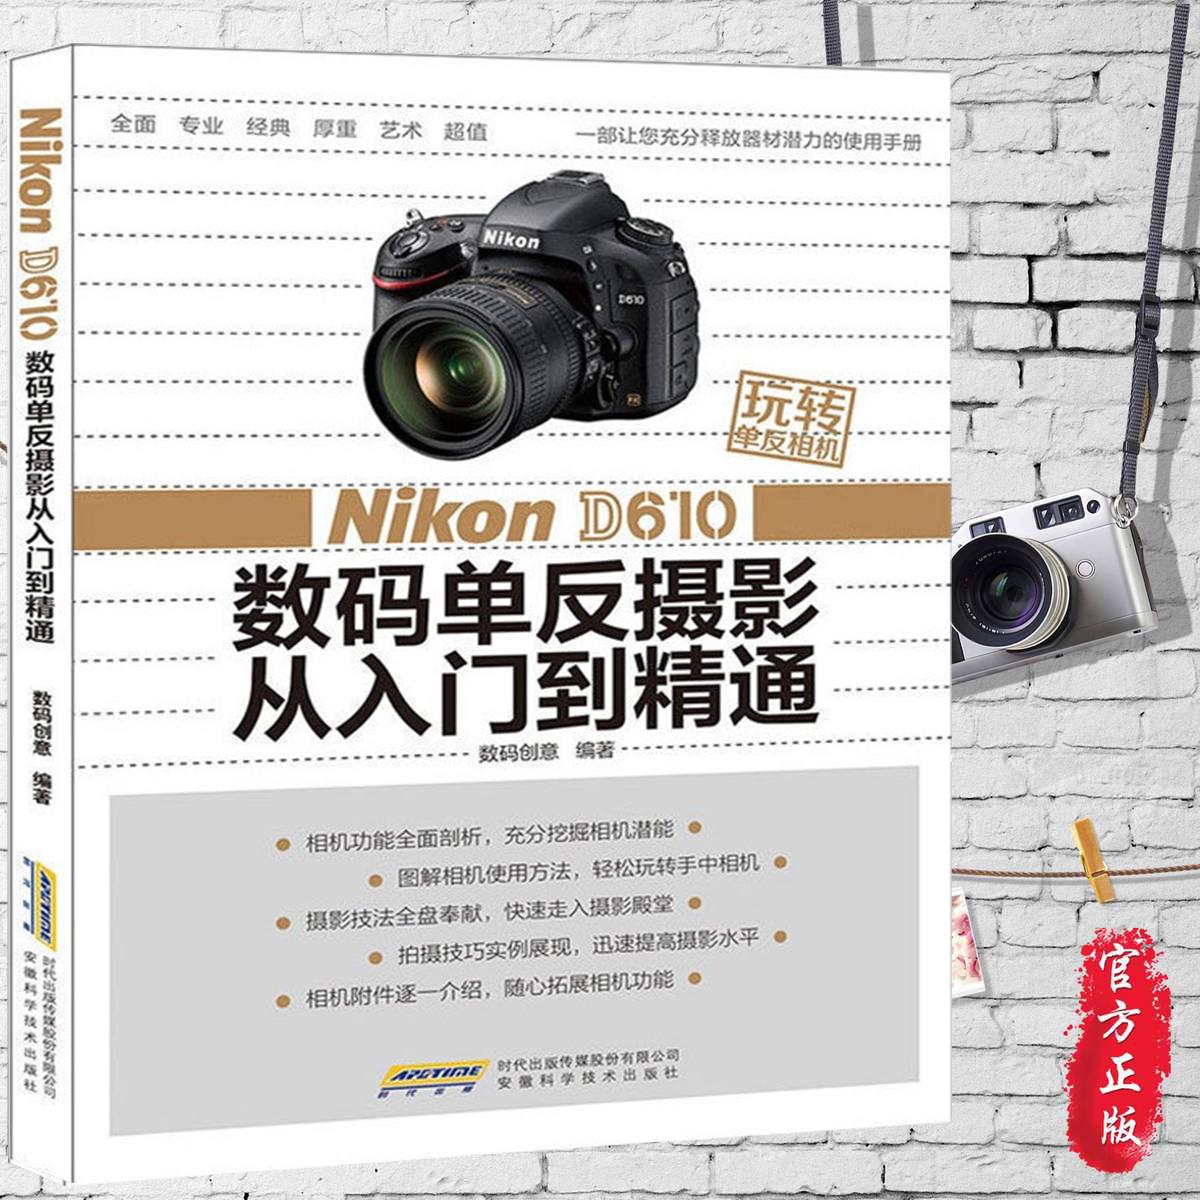 玩转单反相机―Nikon D610数码单反 从入门到精通 佳能摄影器材拍摄教程 数码创意实拍 拍照实用技巧大全